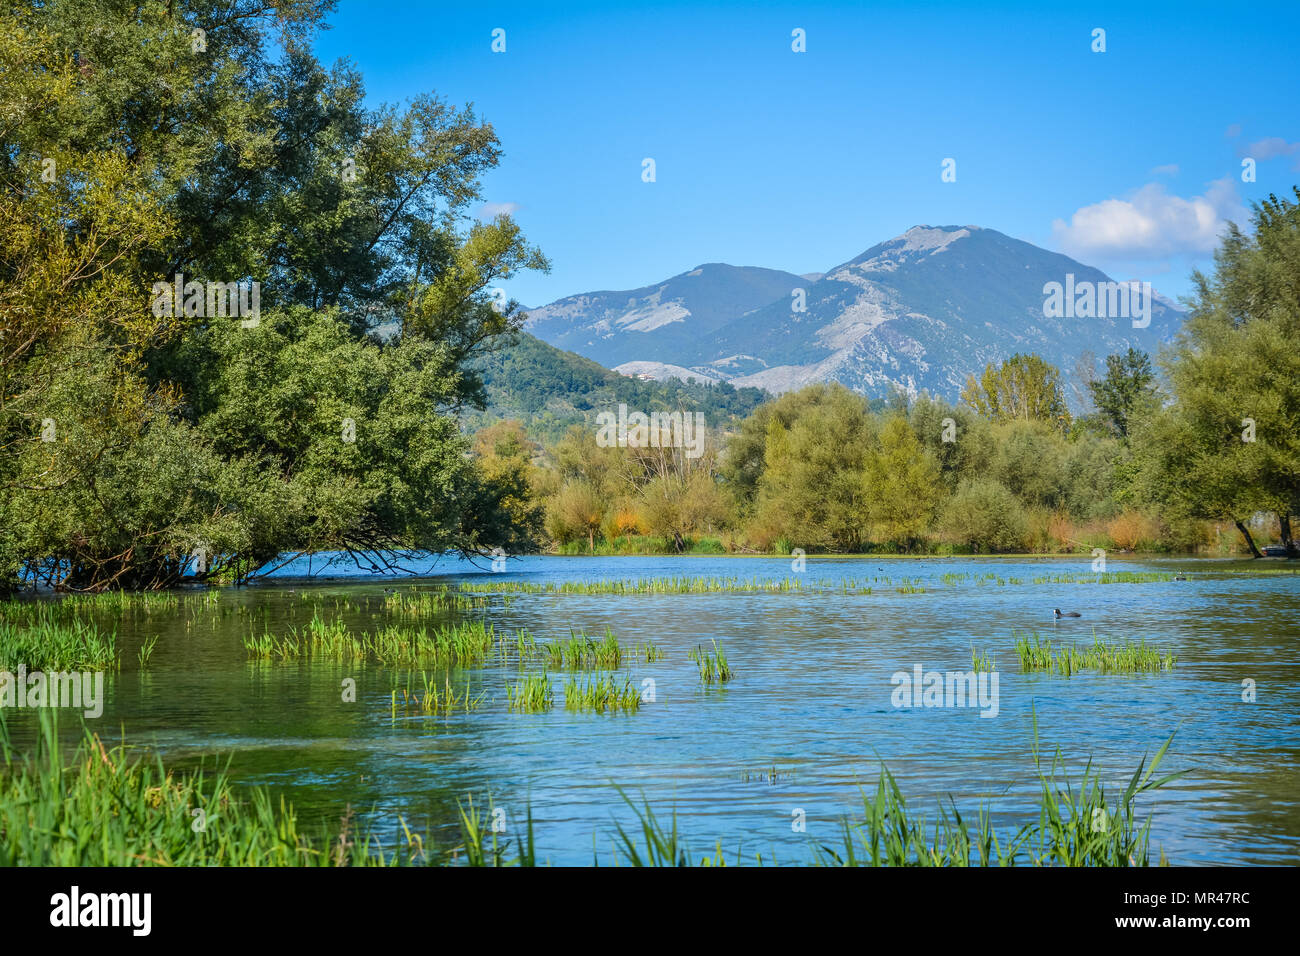 Posta Fibreno Lake Natural Reserve, in the province of Frosinone, Lazio, Italy. - Stock Image